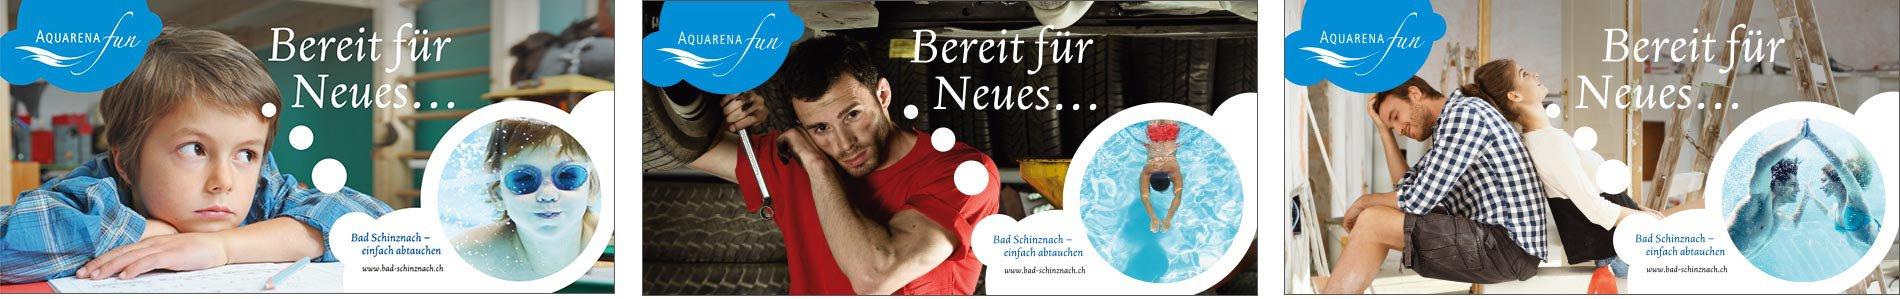 Bad Schinznach Markenstrategie Eroeffnungskampagne